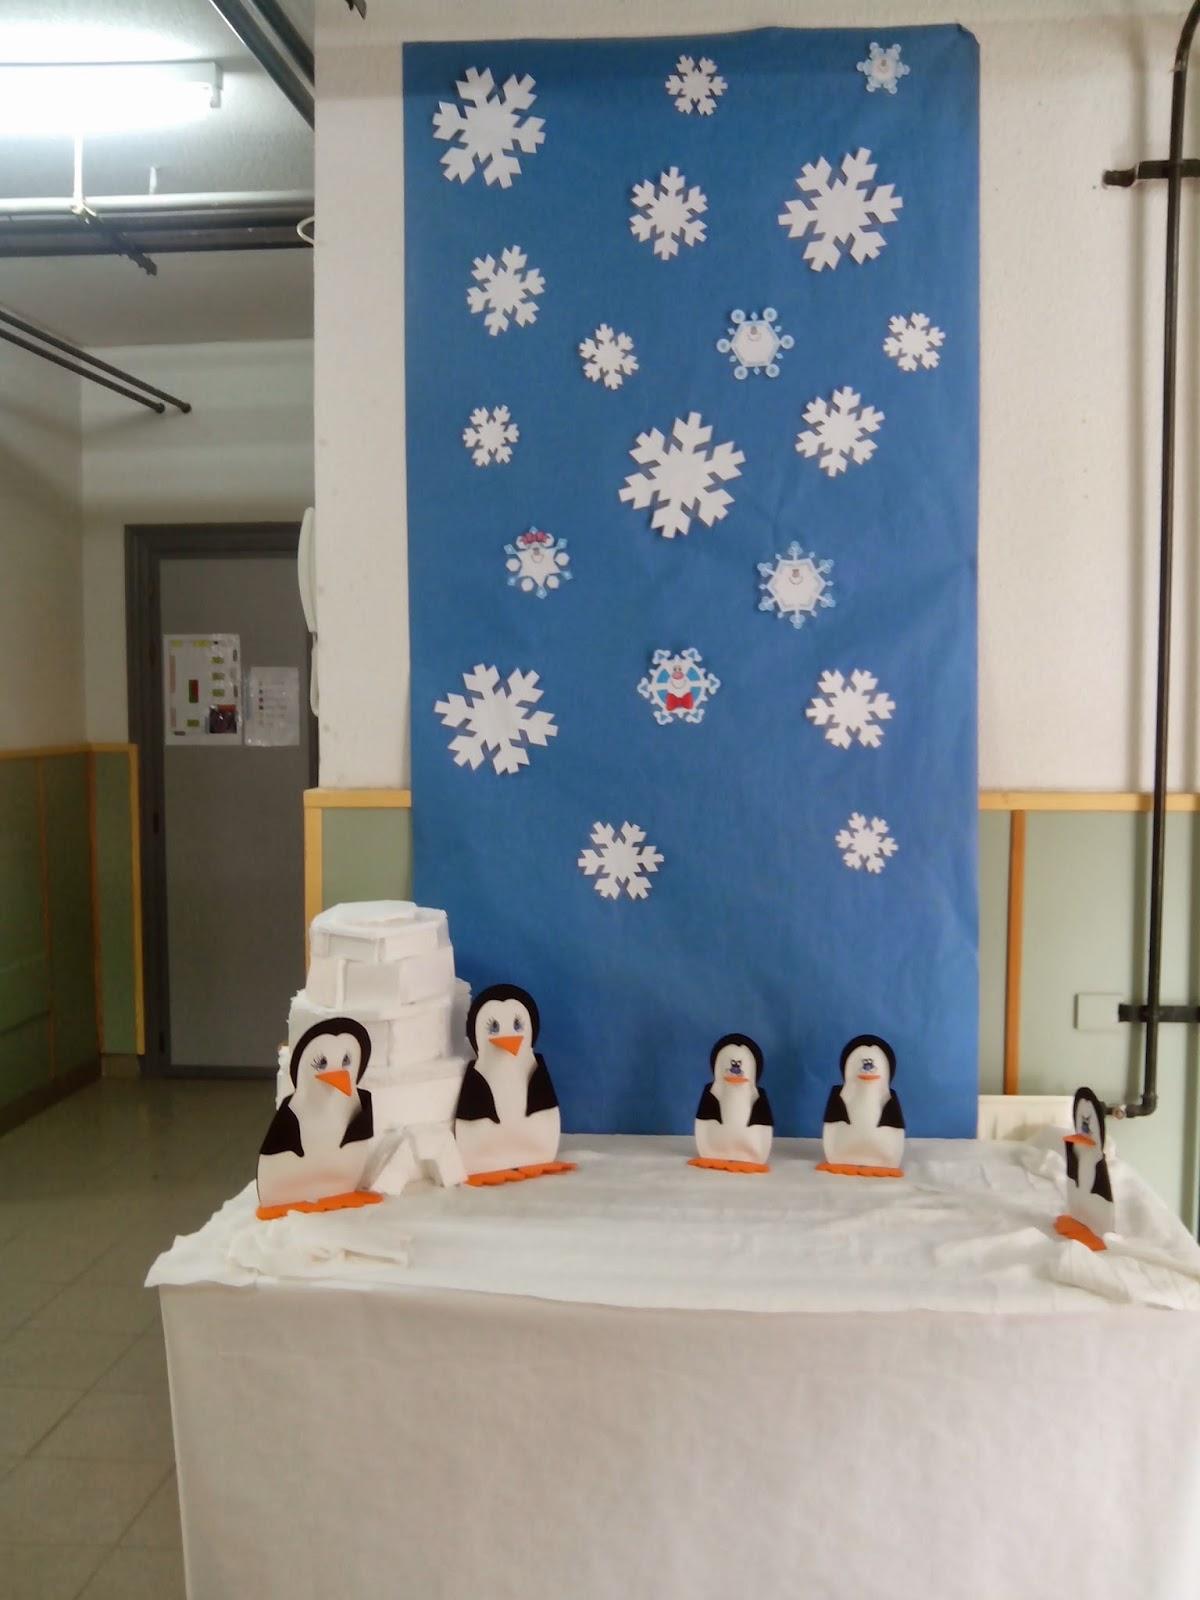 decoracion invierno escuela infantil